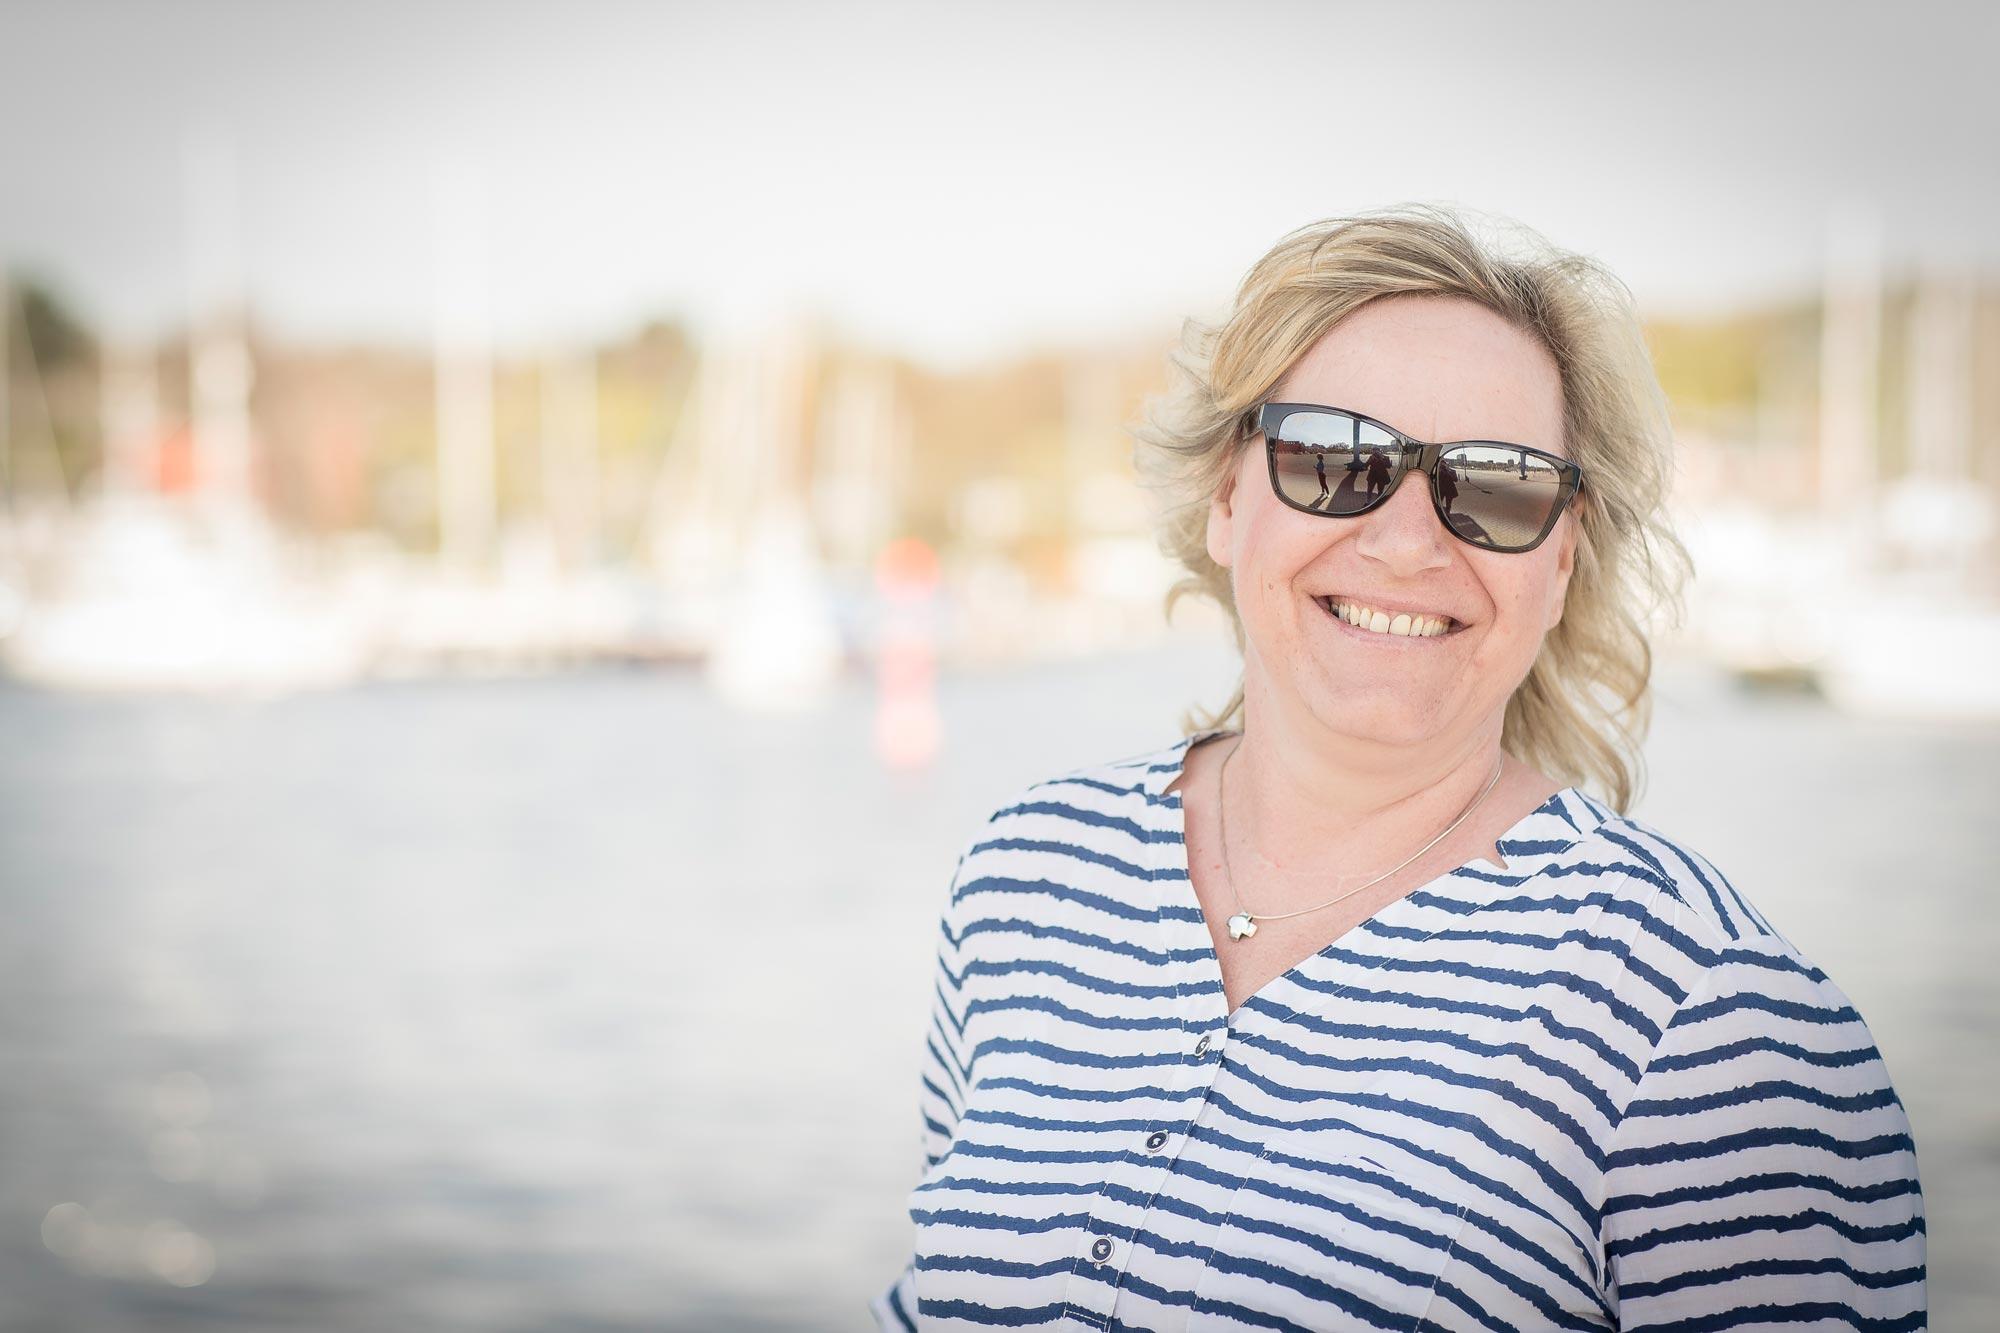 Katrin Bartusek ist Augenoptikerin bei Optik Sagawe in Reutershagen - hat hier eine Sonnenbrille von Maui Jim auf